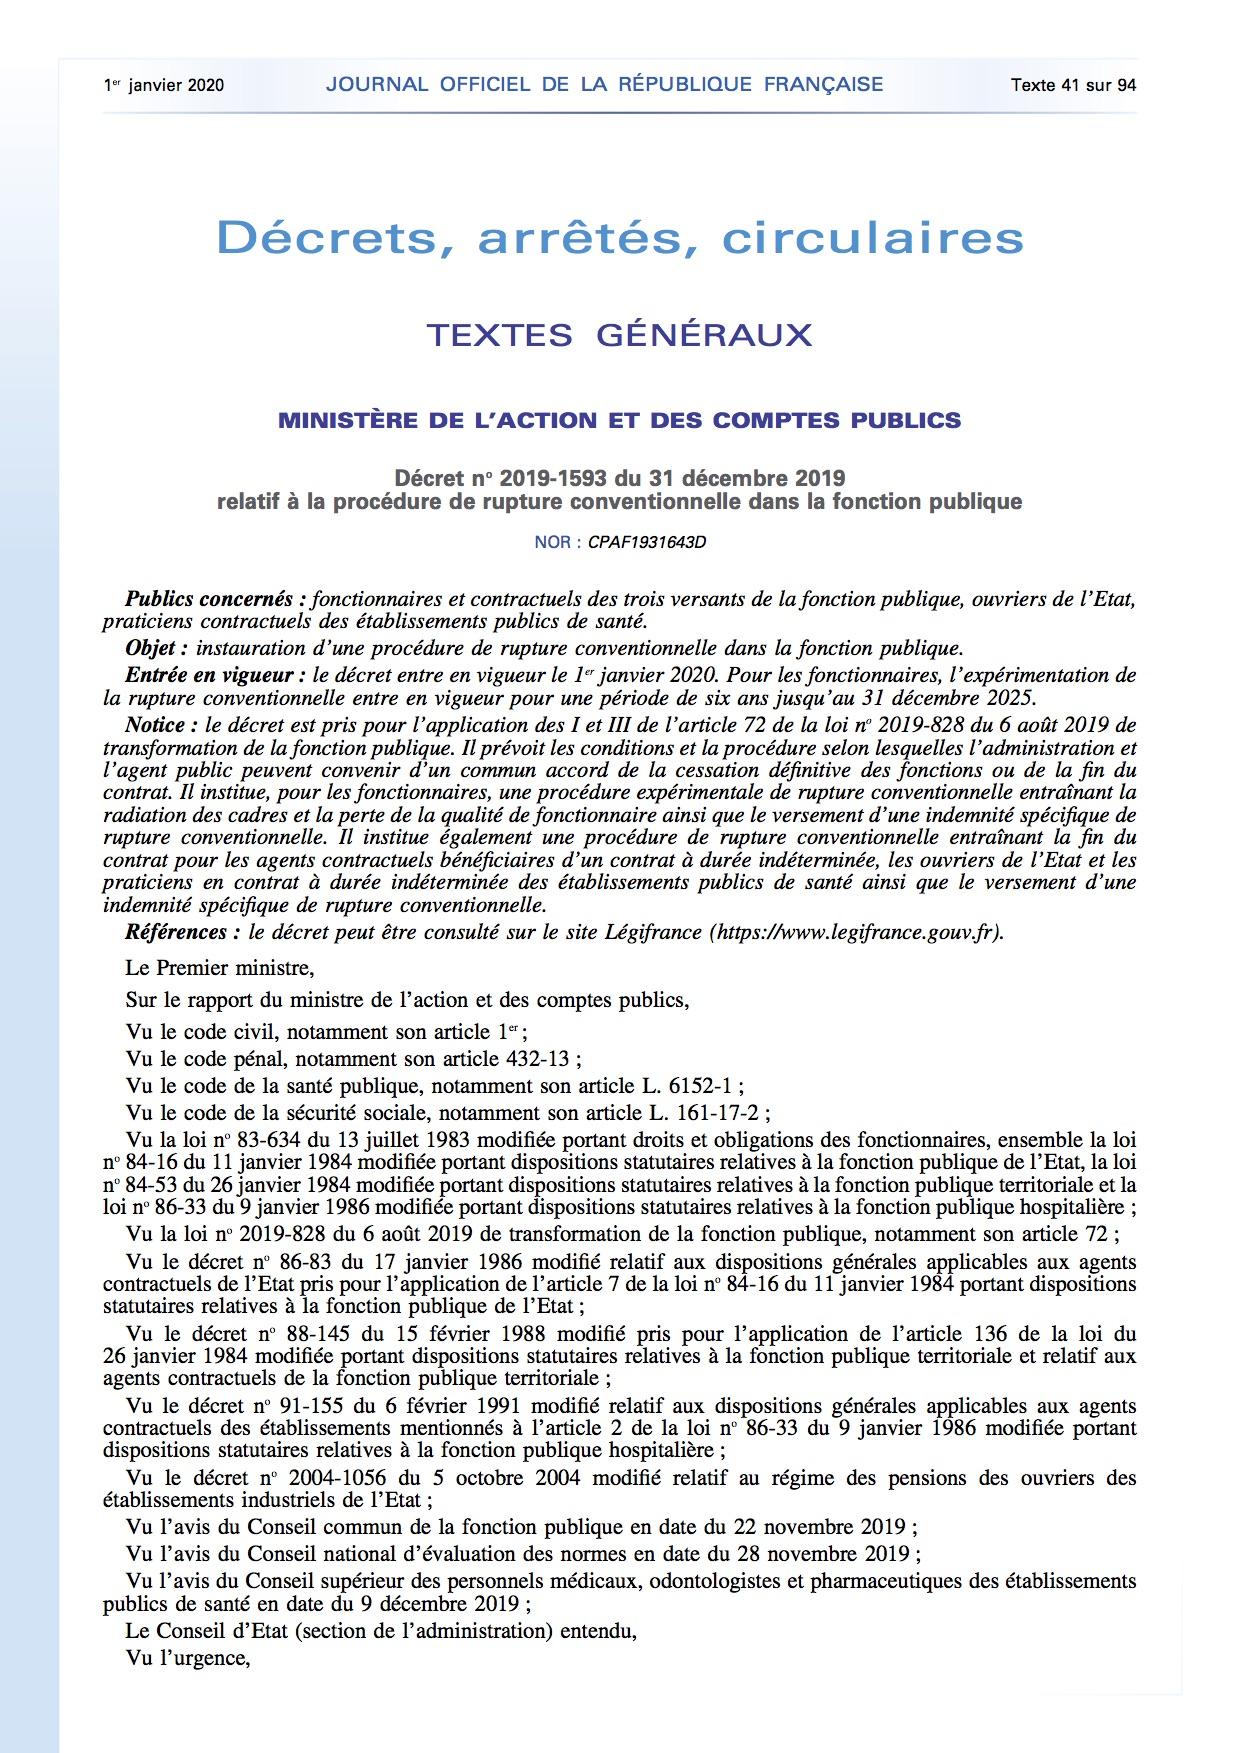 Decret N 2019 1593 Du 31 Decembre 2019 Relatif A La Procedure De Rupture Conventionnelle Dans La Fonction Publique Fo Territoriaux 42